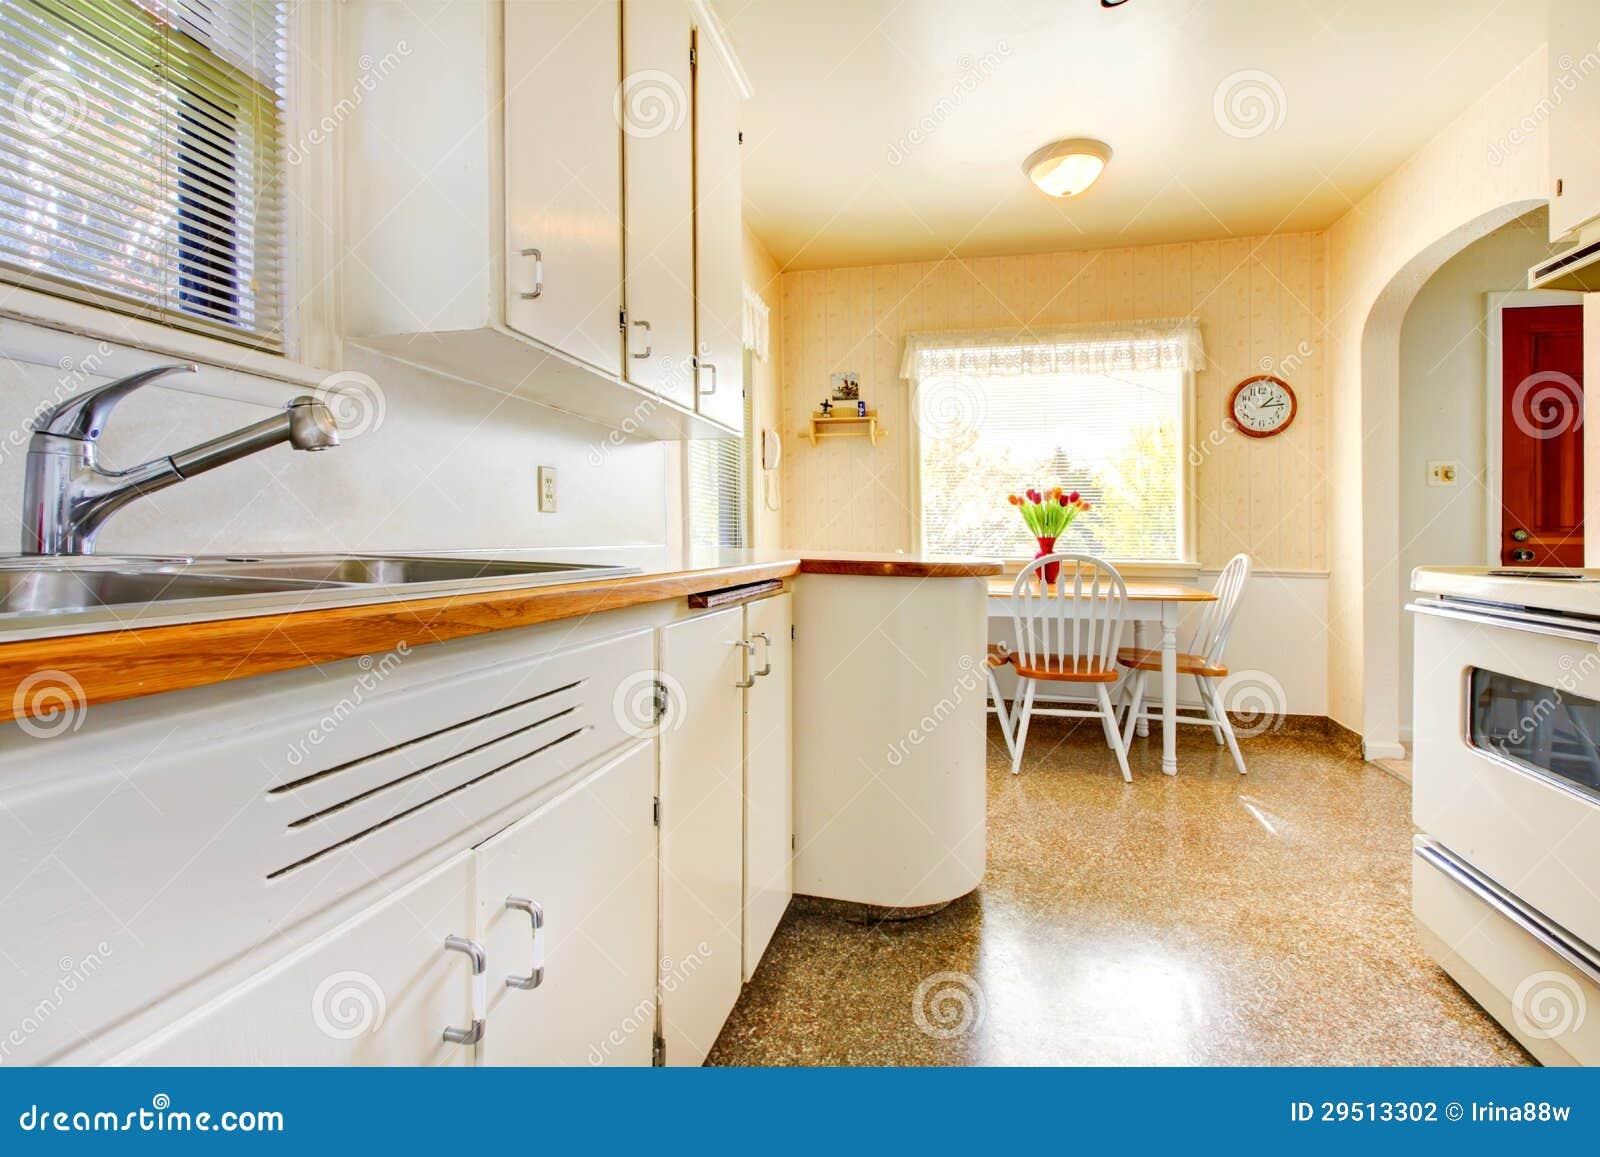 #B34C08 Cozinha pequena velha branca na construção americana da casa em 1942  1300x957 px Imagens De Kitchen Interior Design_371 Imagens